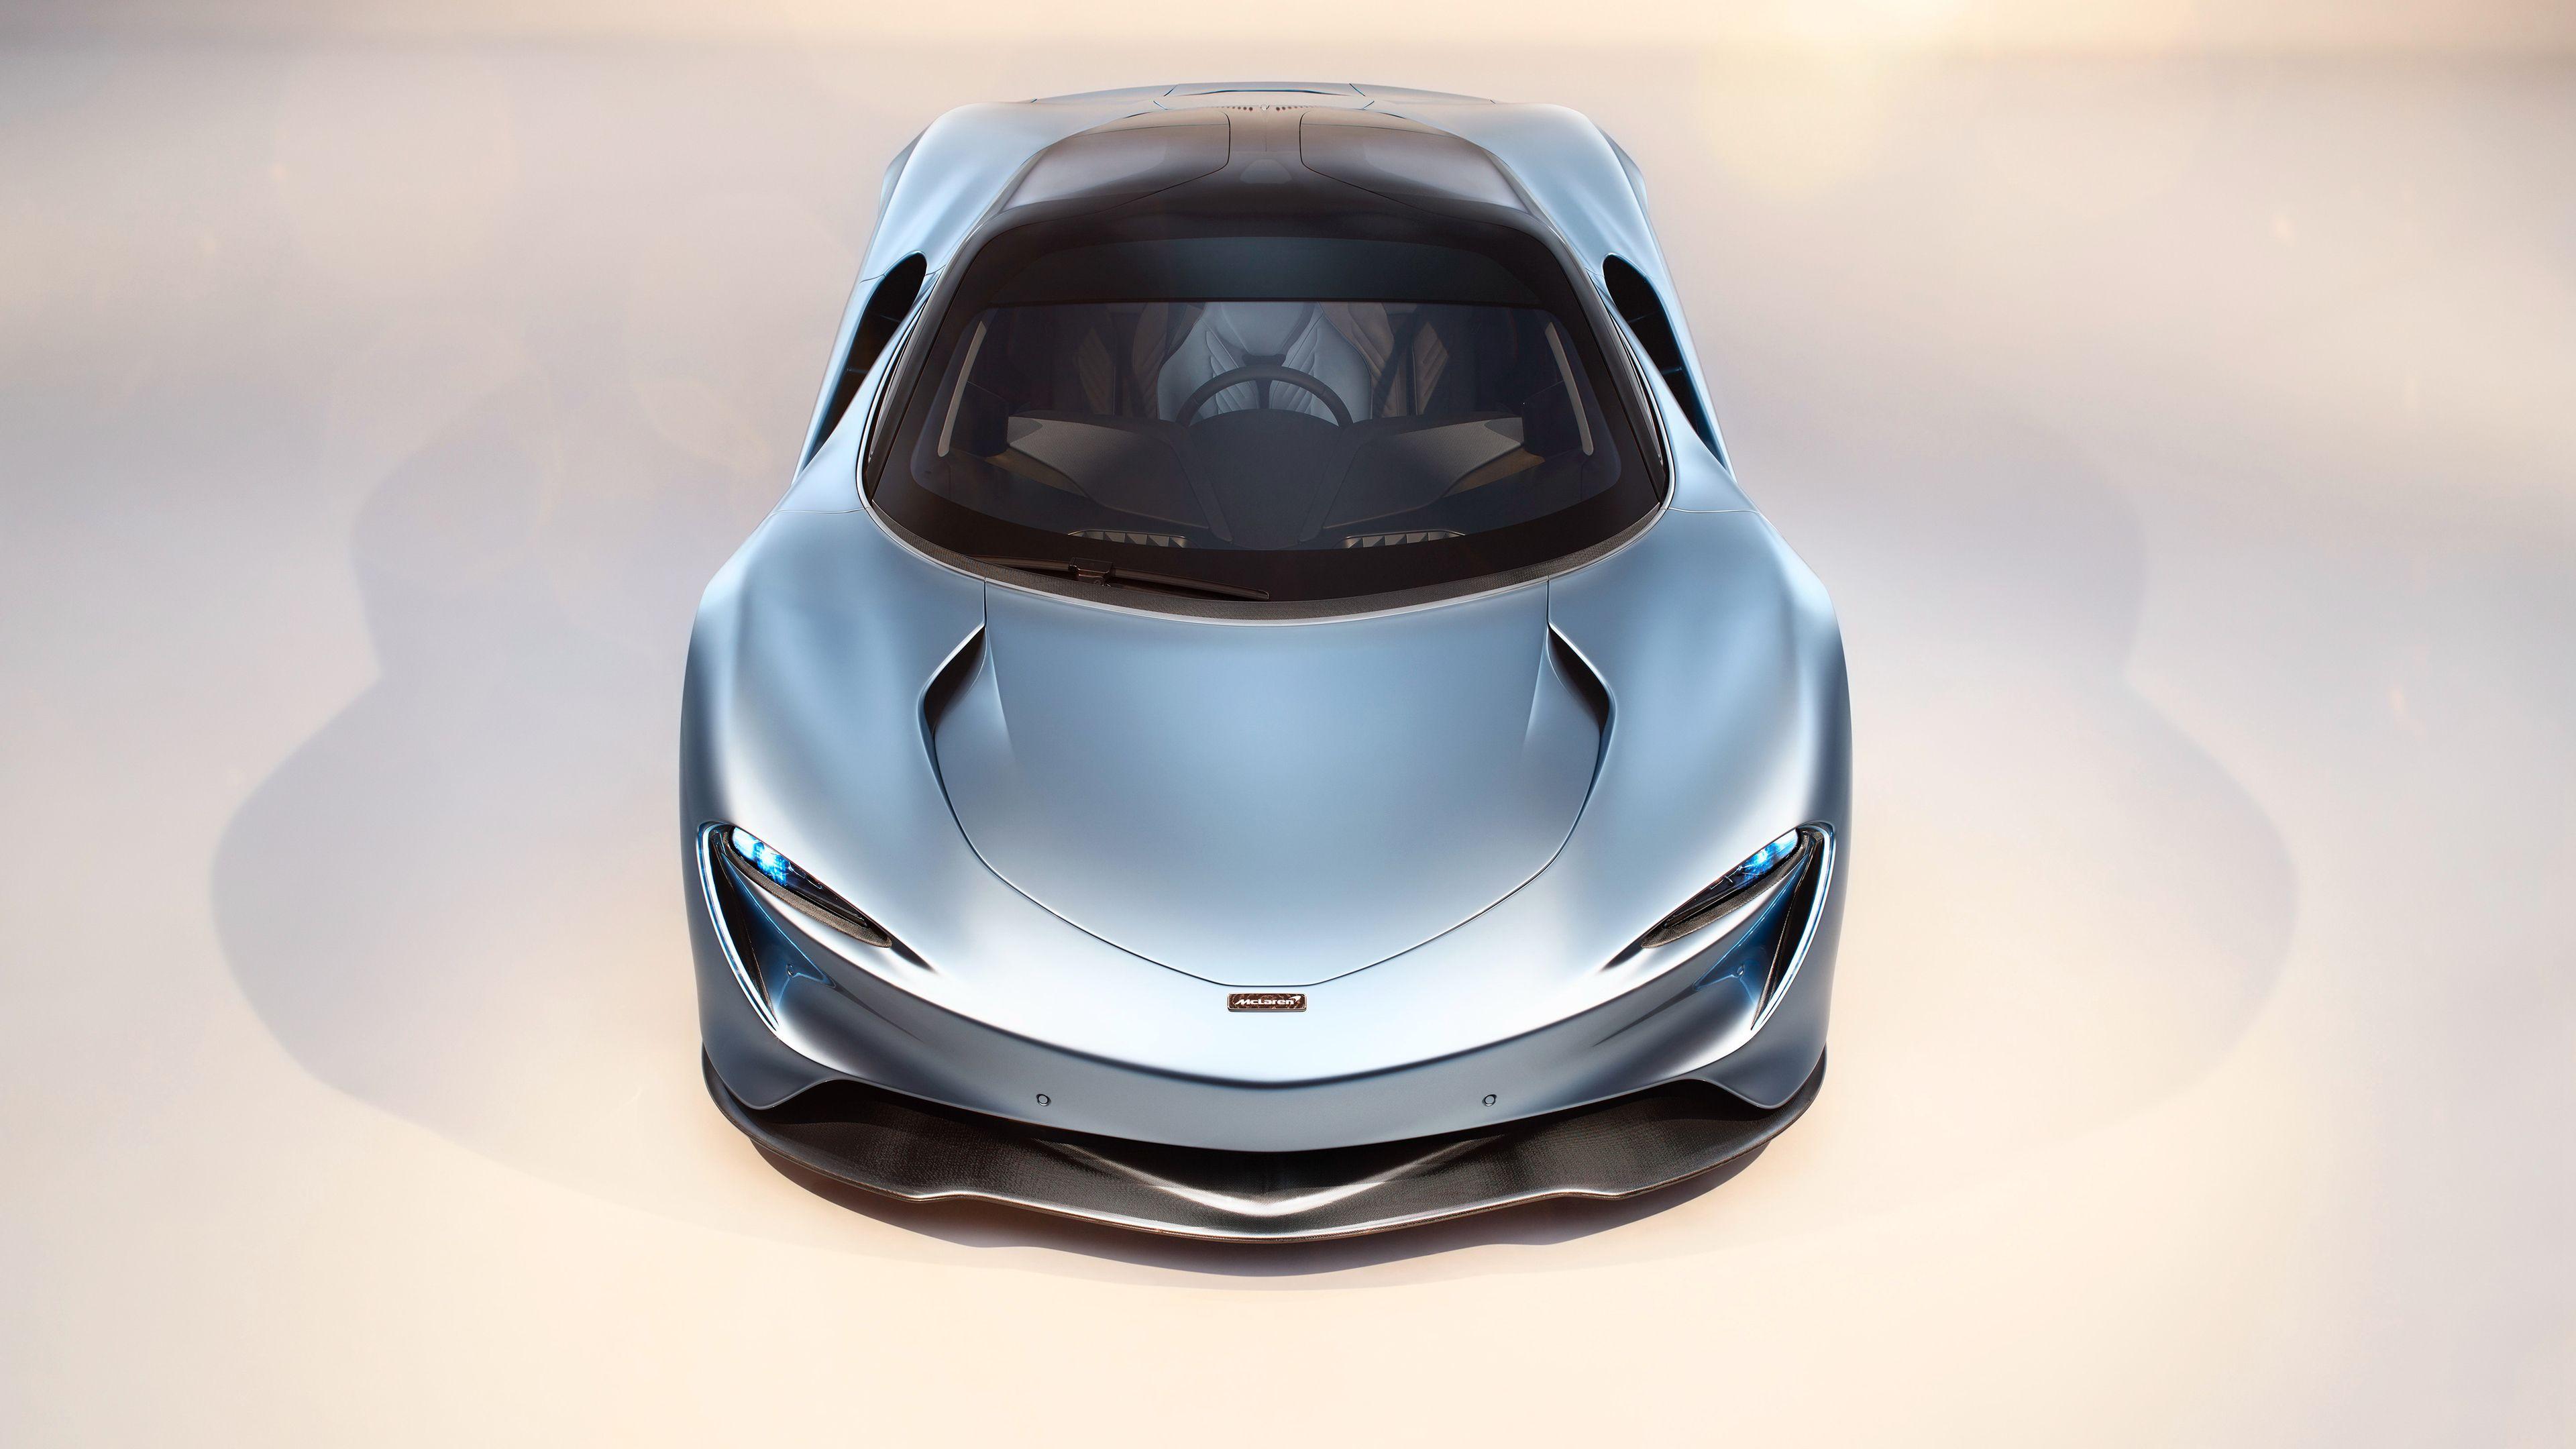 McLaren Speedtail Front 4k wallpaper mclaren speedtail wallpapers 3840x2160